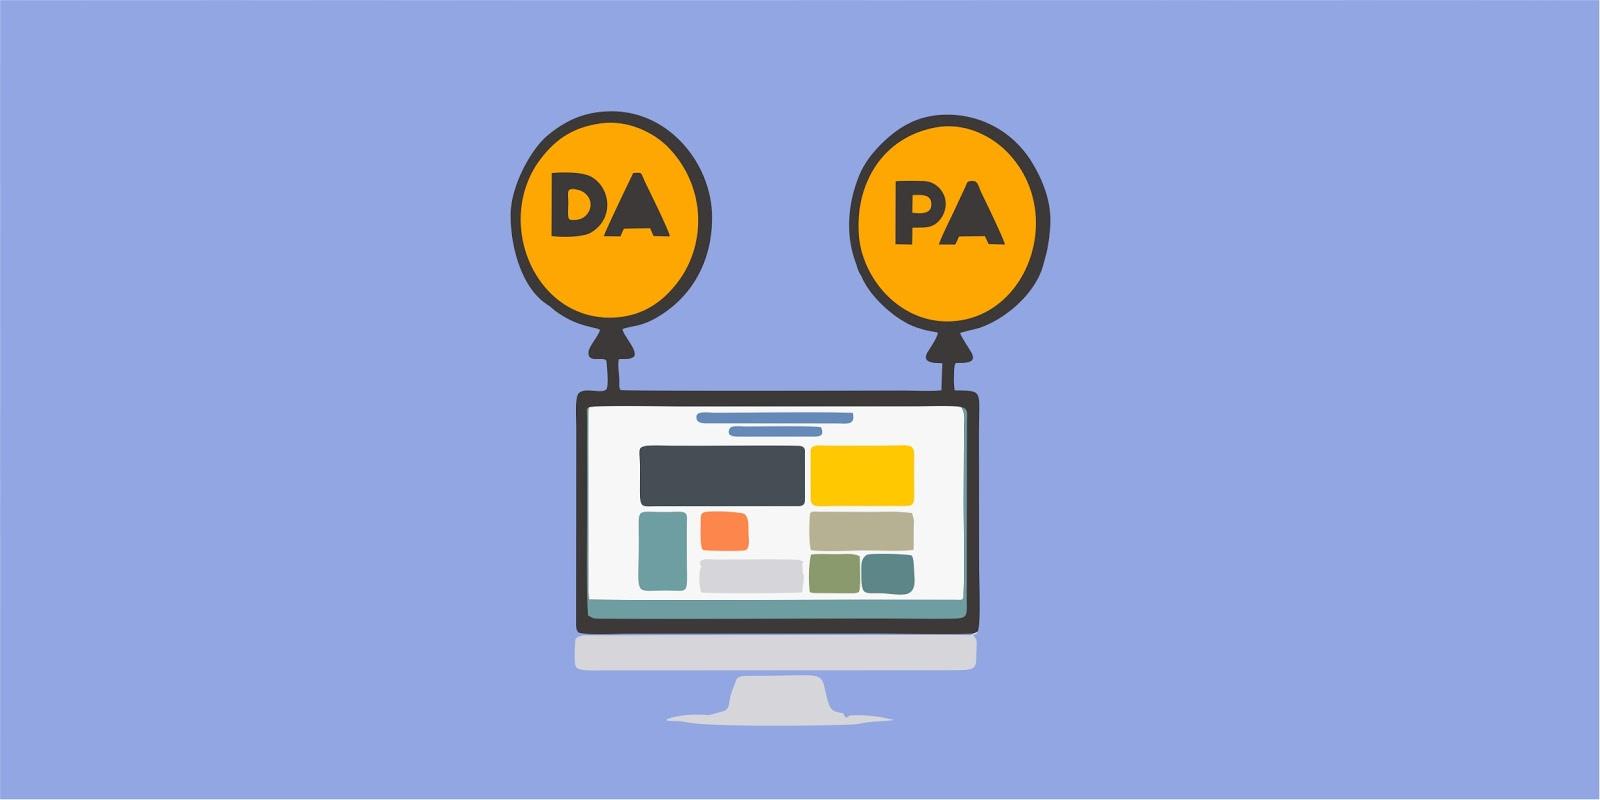 Apa itu Page Authority dan Domain Authority dalam SEO - Akses ...